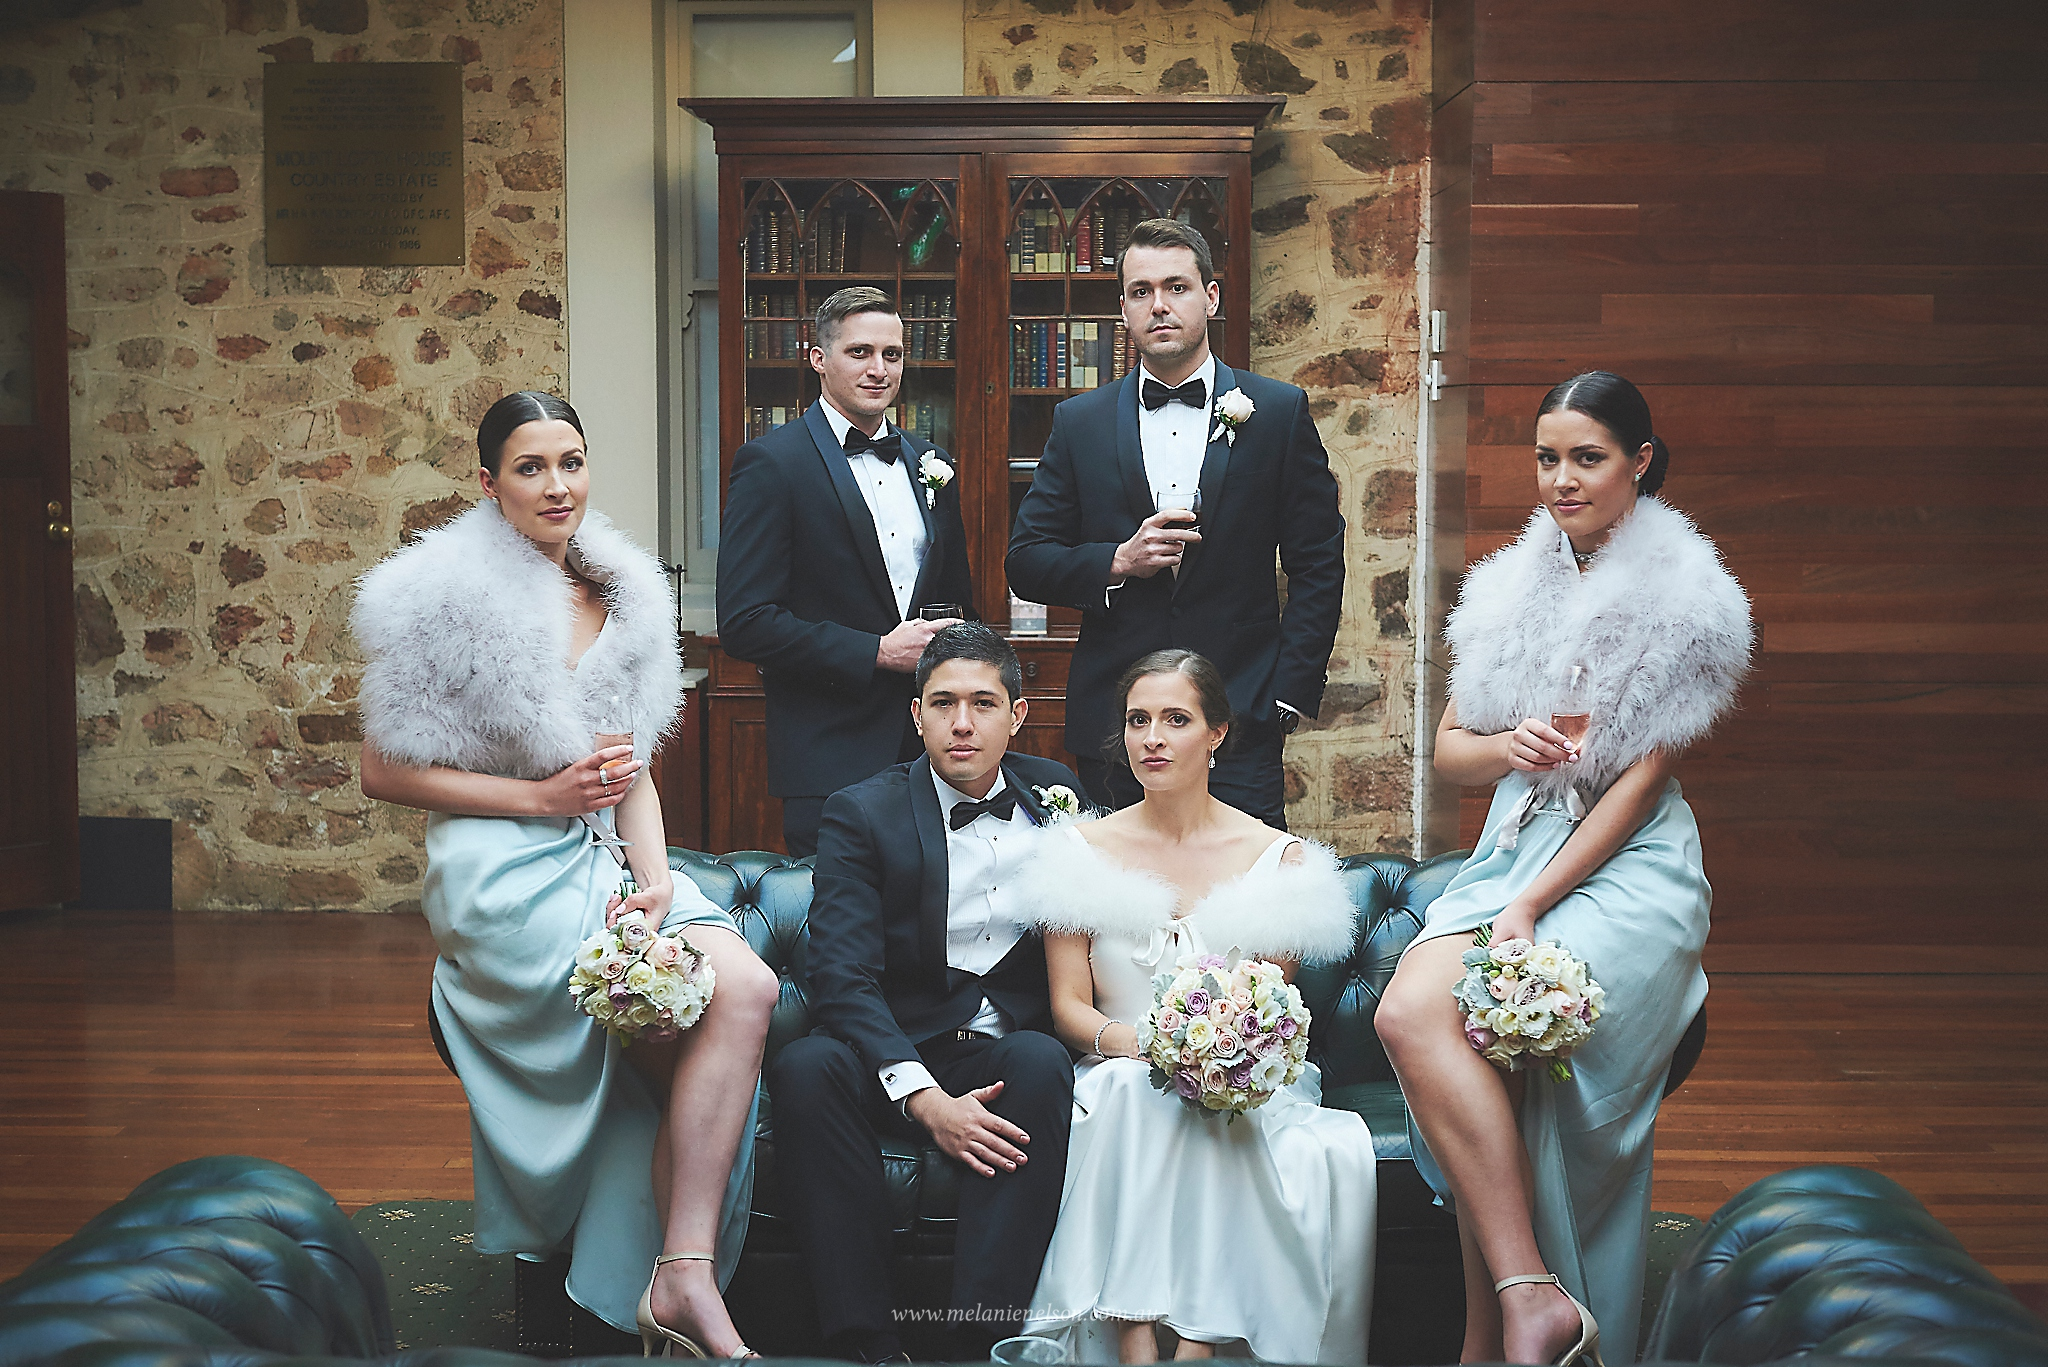 adelaide_hills_wedding_photography_0027.jpg